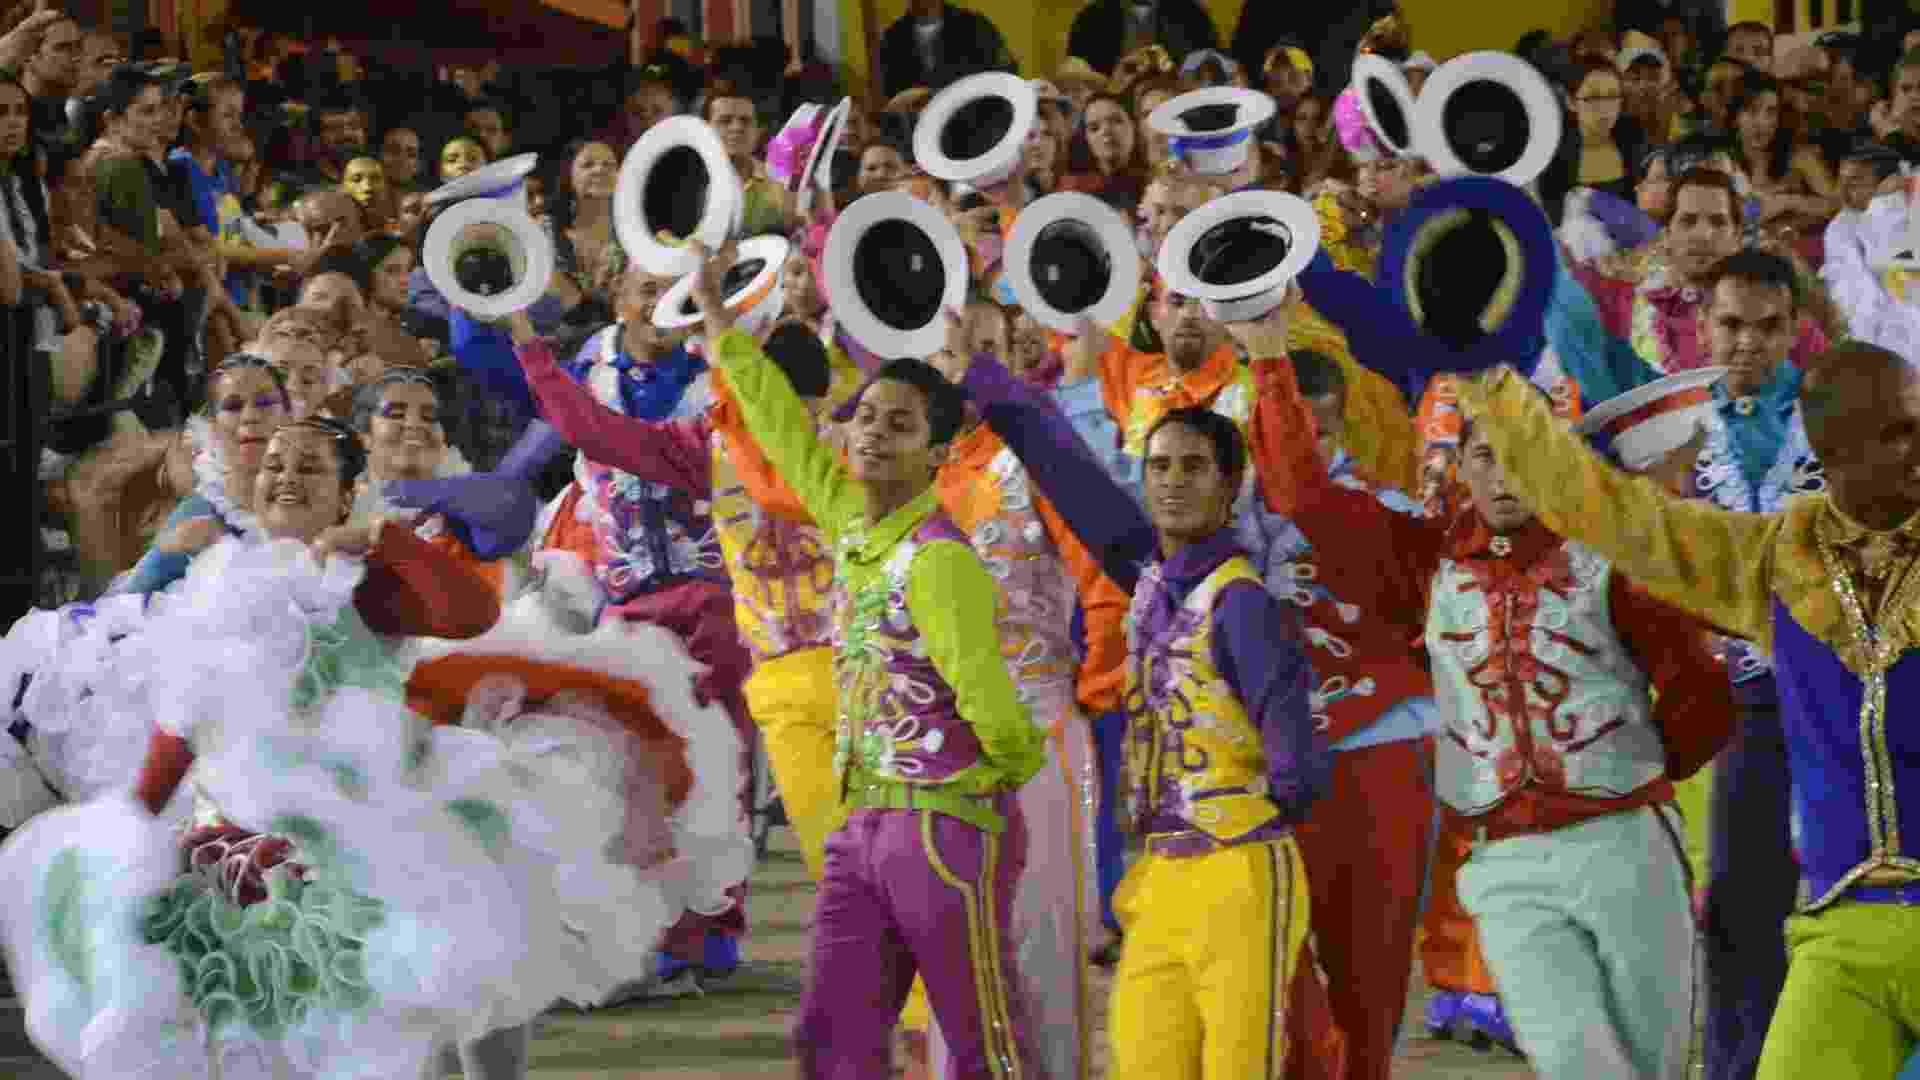 9.jun.2013 - Integrantes do grupo Rosa dos Ventos dançam durante o 18° Festival de Quadrilhas Juninas, realizado em Caruaru (PE) - Fernando Da Hora/LeiaJáImagens/Estadão Conteúdo